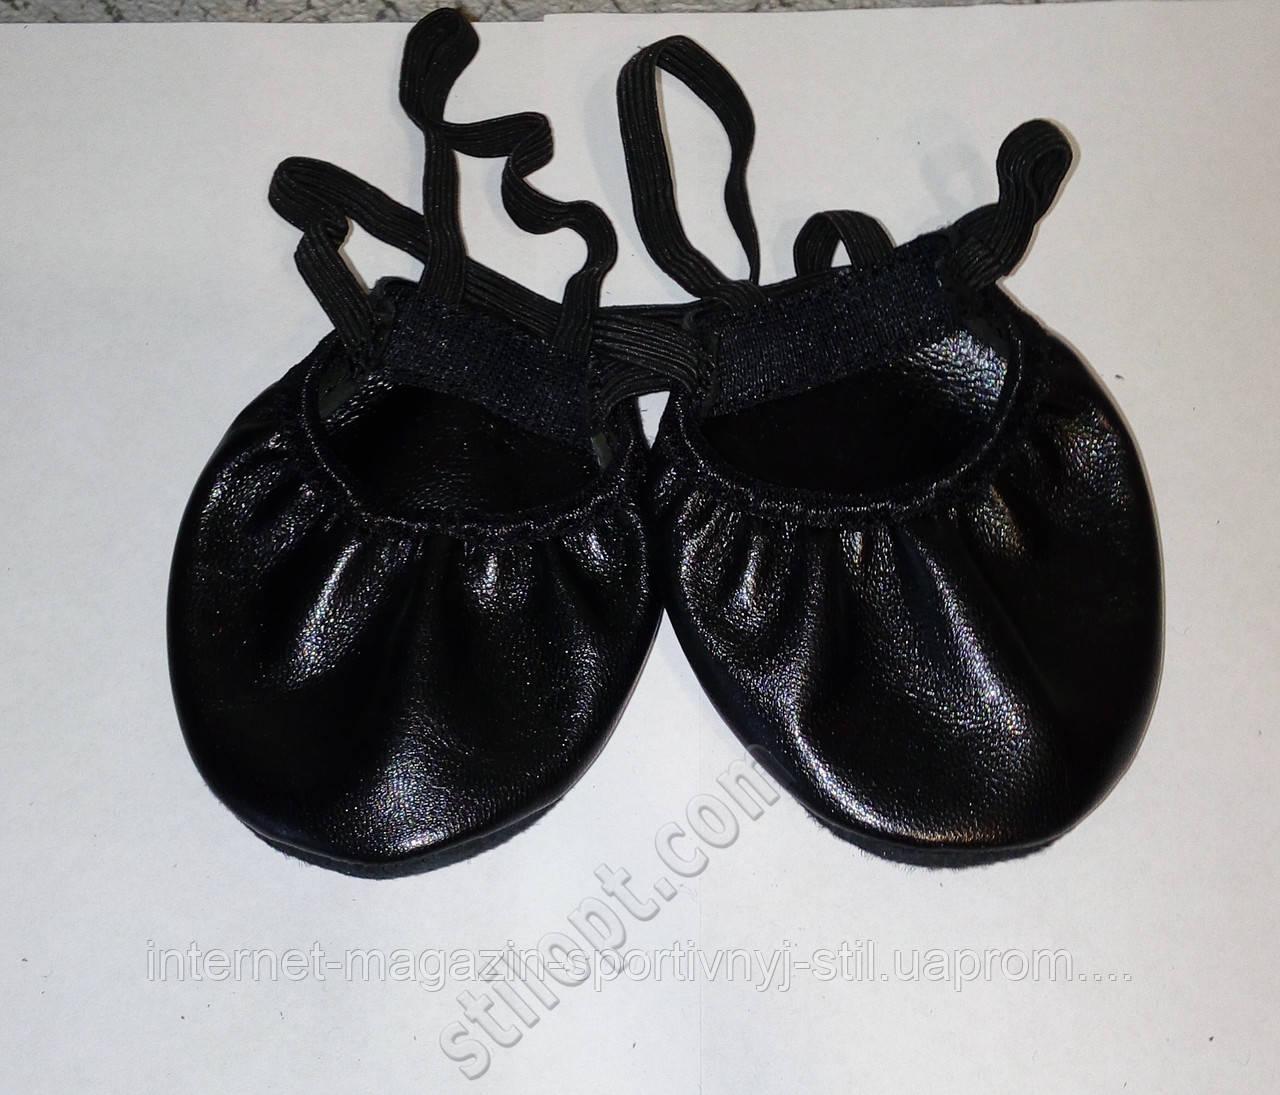 Получешки ( полубалетки) кожаные подростковые черные разм. 22-23,5 см